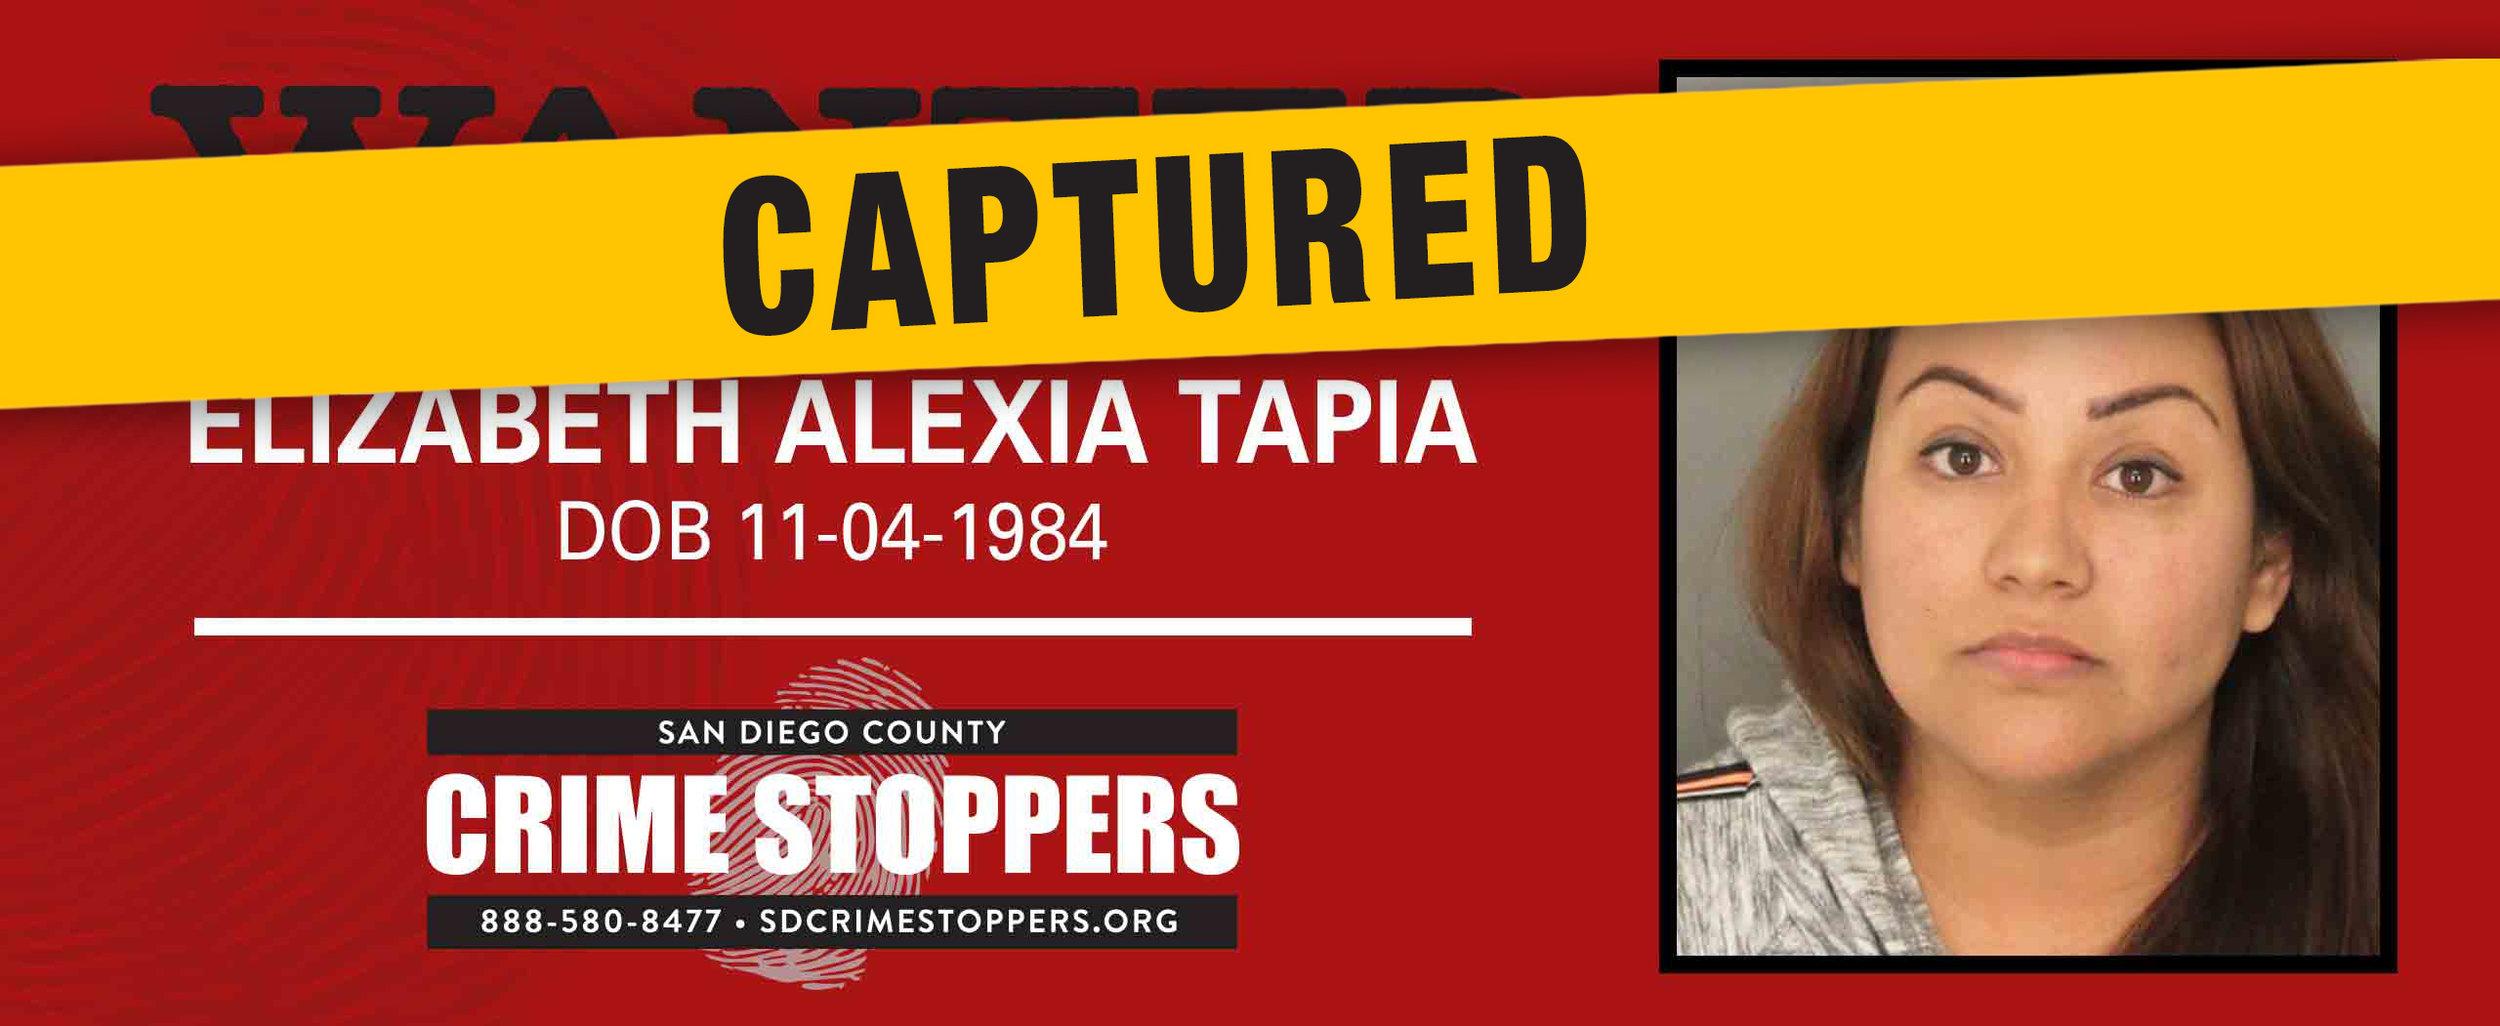 Captured Elizabeth-Alexia-Tapia.jpg